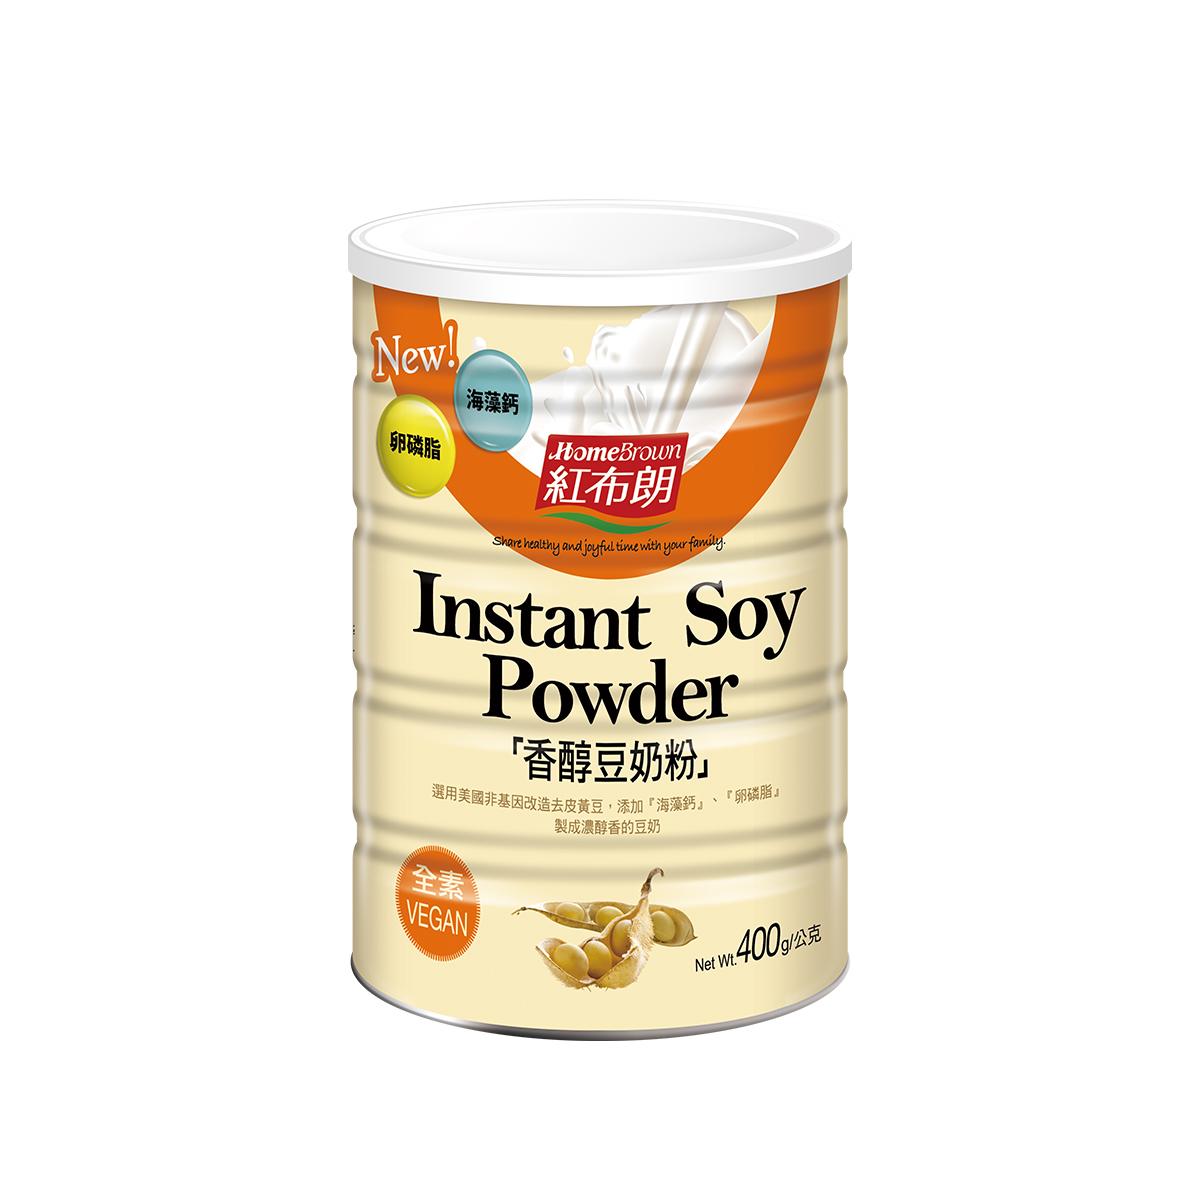 《紅布朗》香醇豆奶粉 (400g)